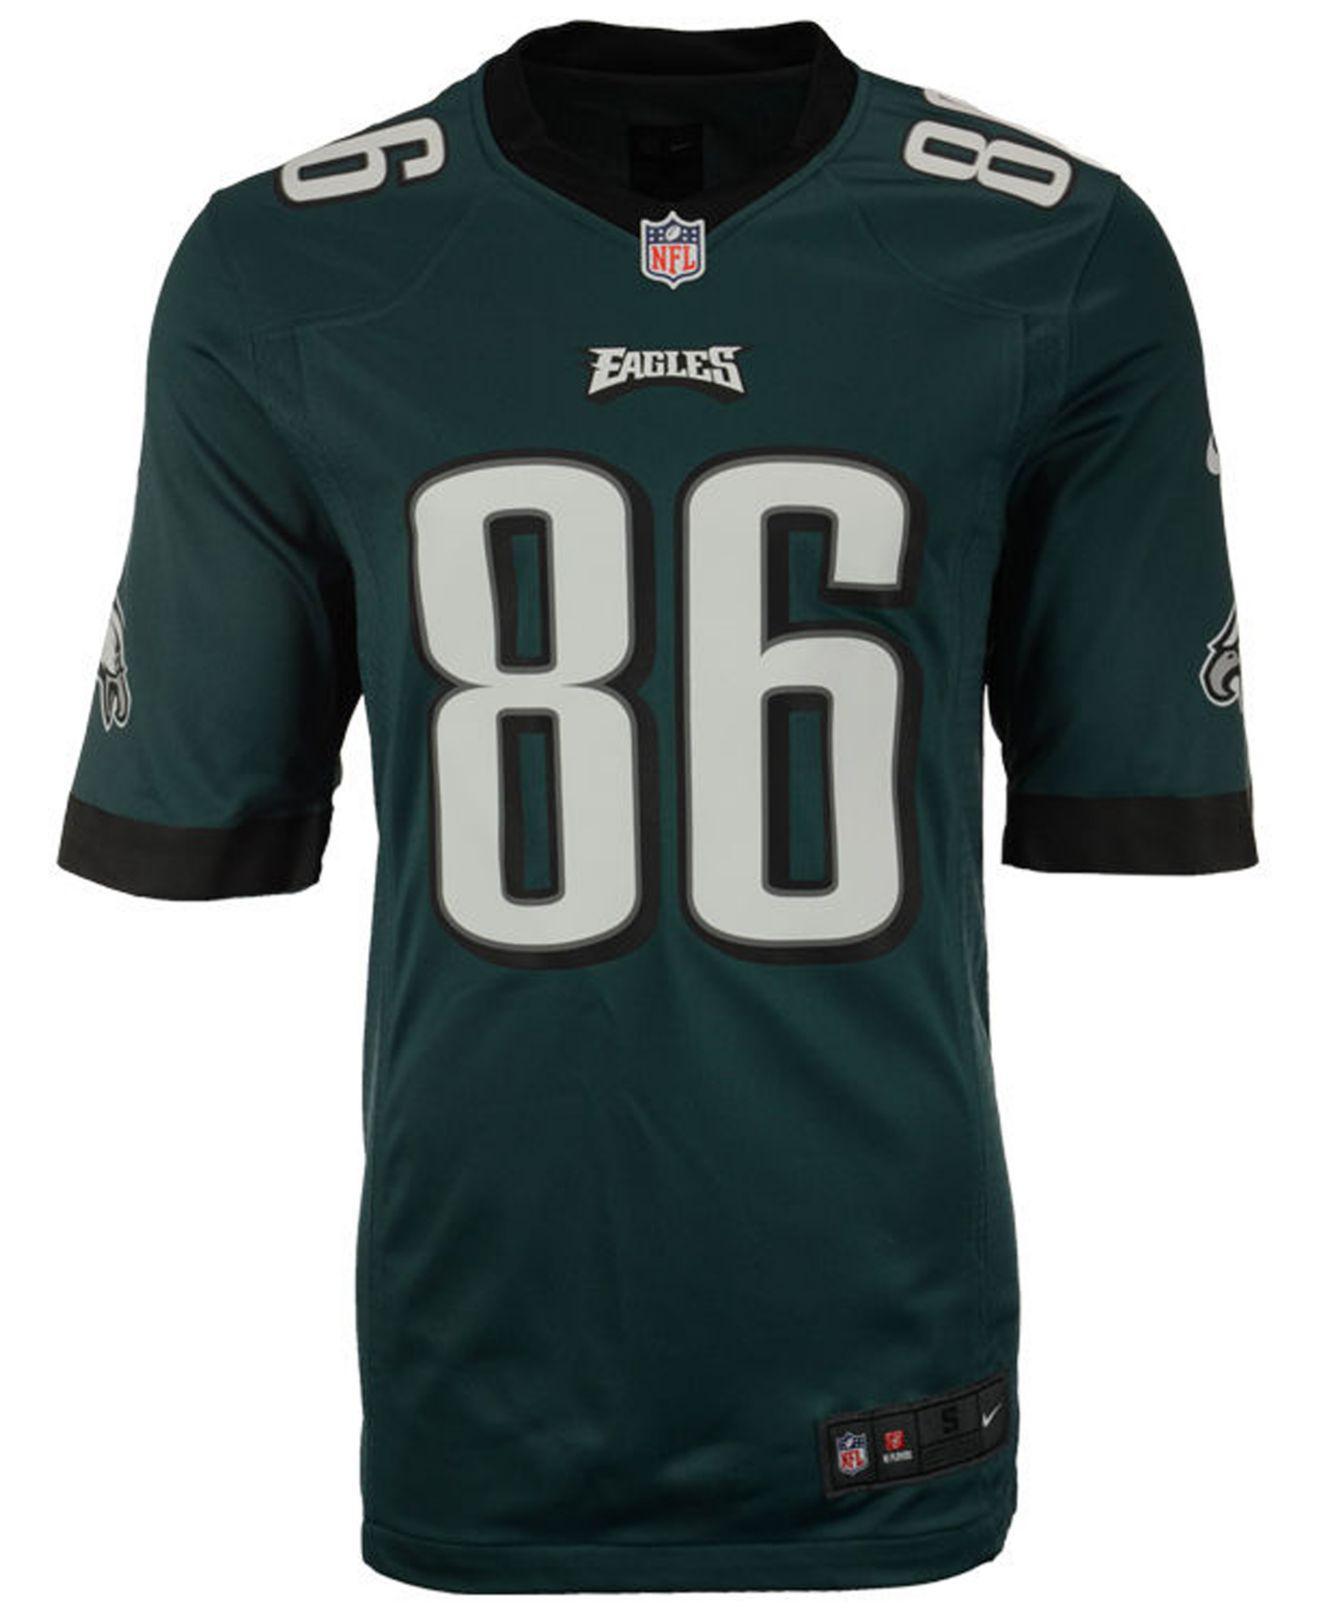 Lyst - Nike Zach Ertz Philadelphia Eagles Game Jersey in Green for Men -  Save 33% 084bd12e2